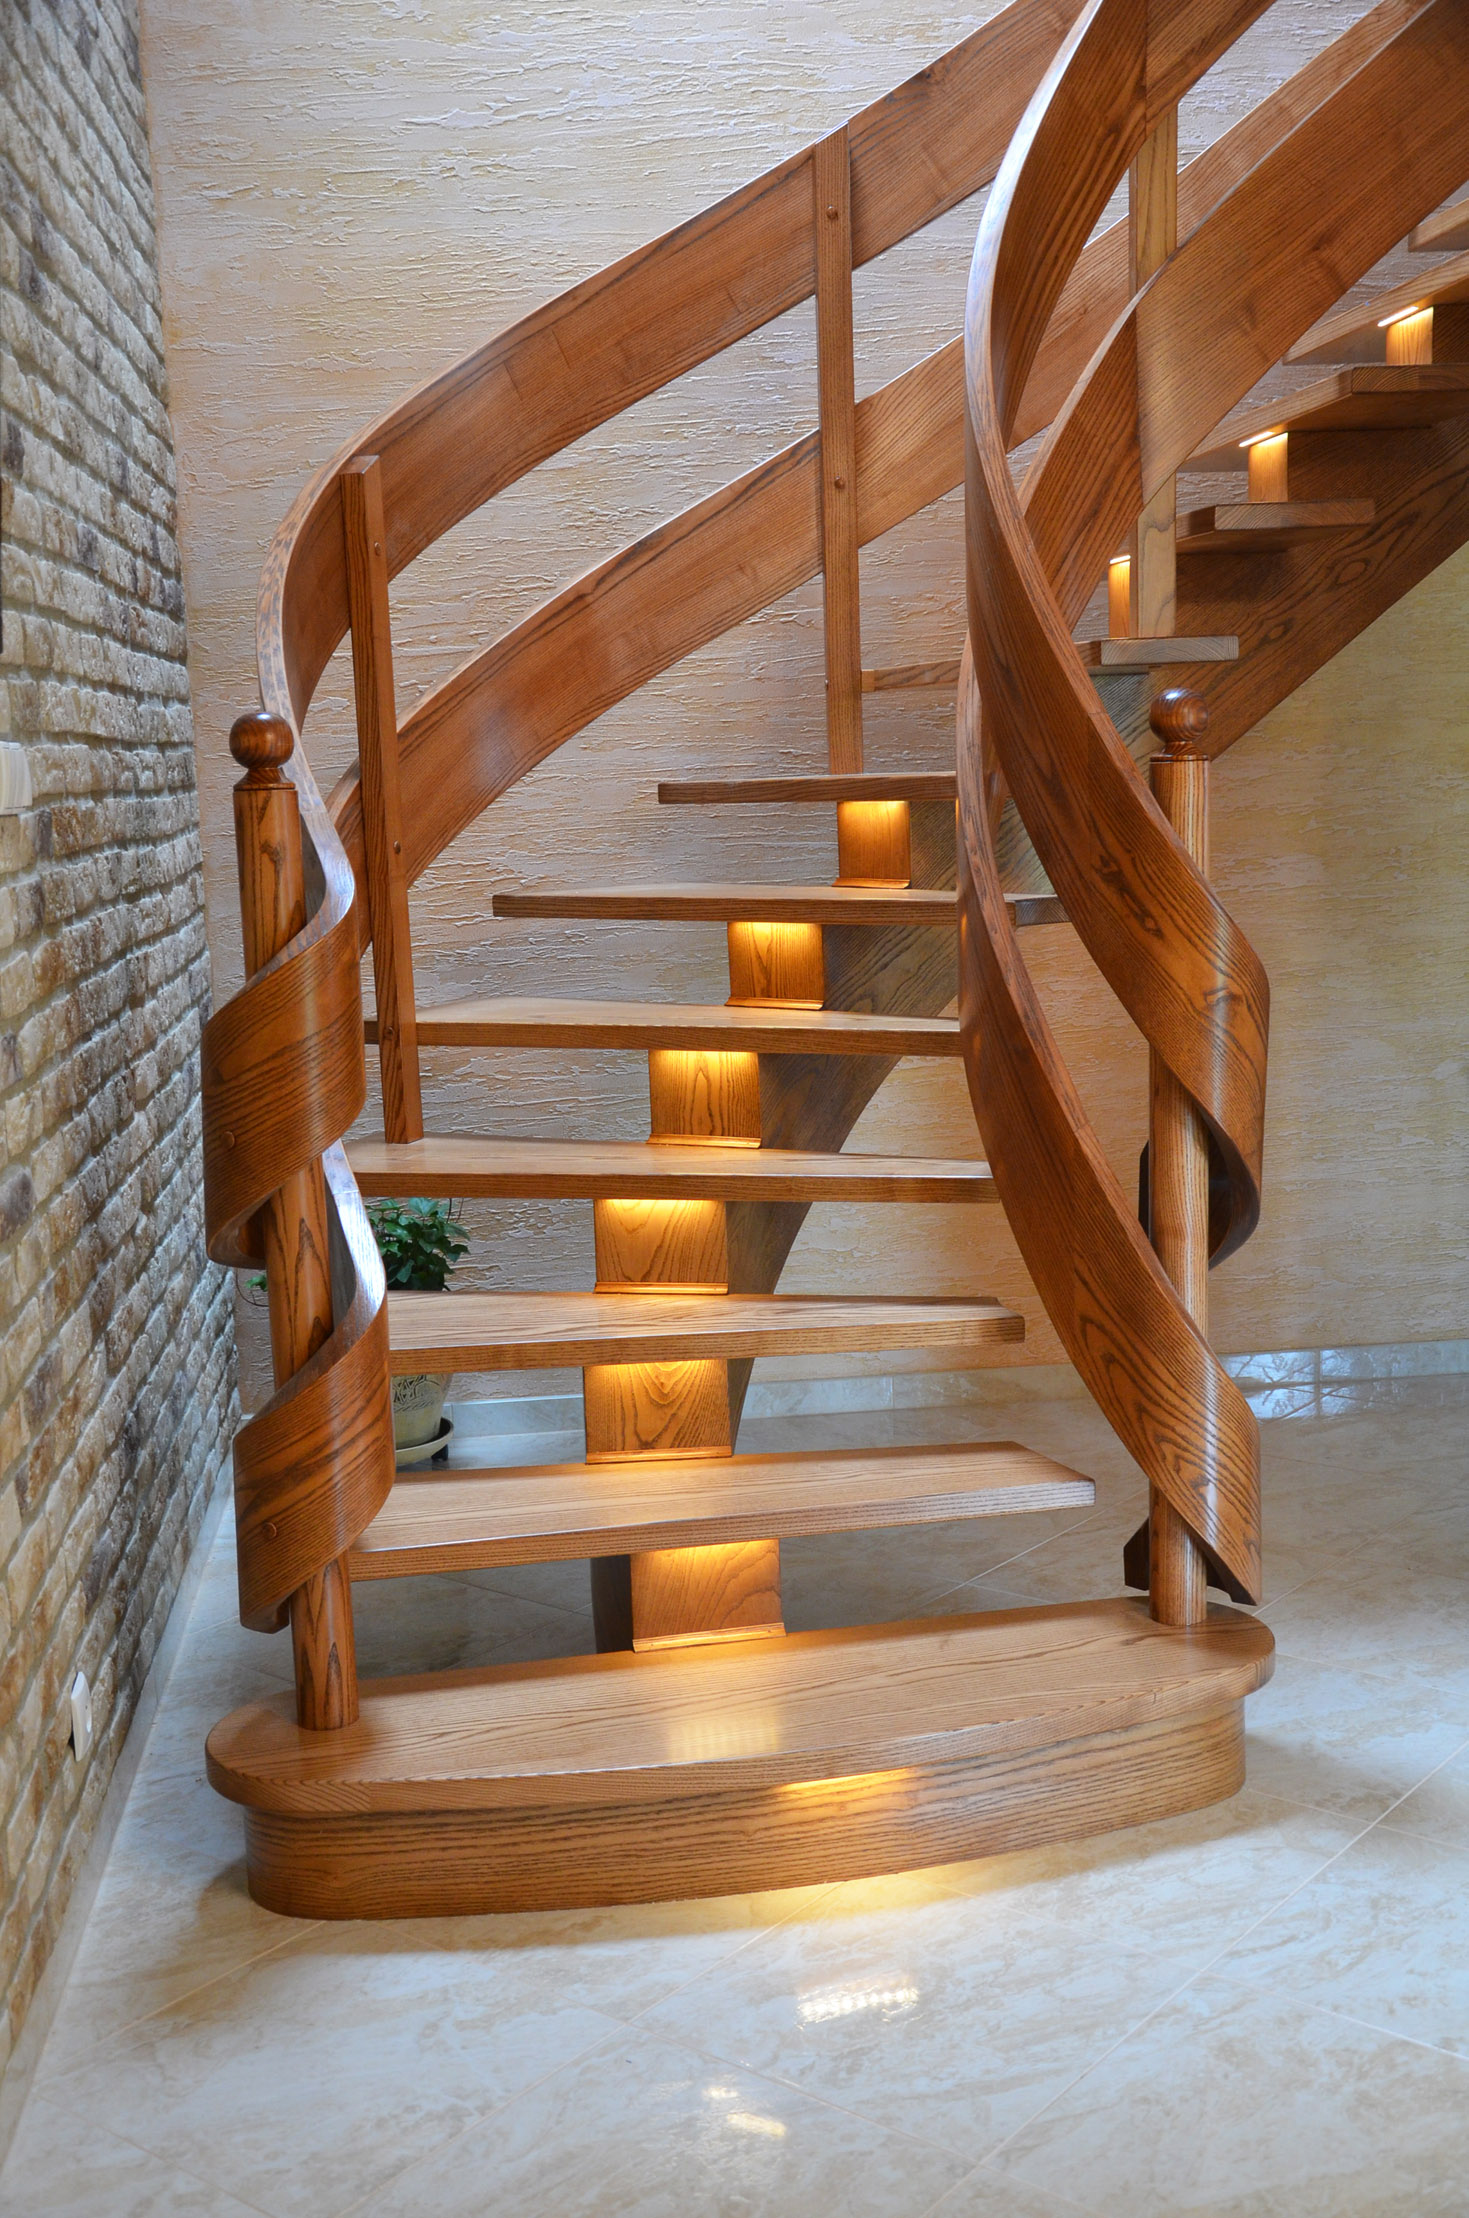 ha-schody-na-jednym-belku2